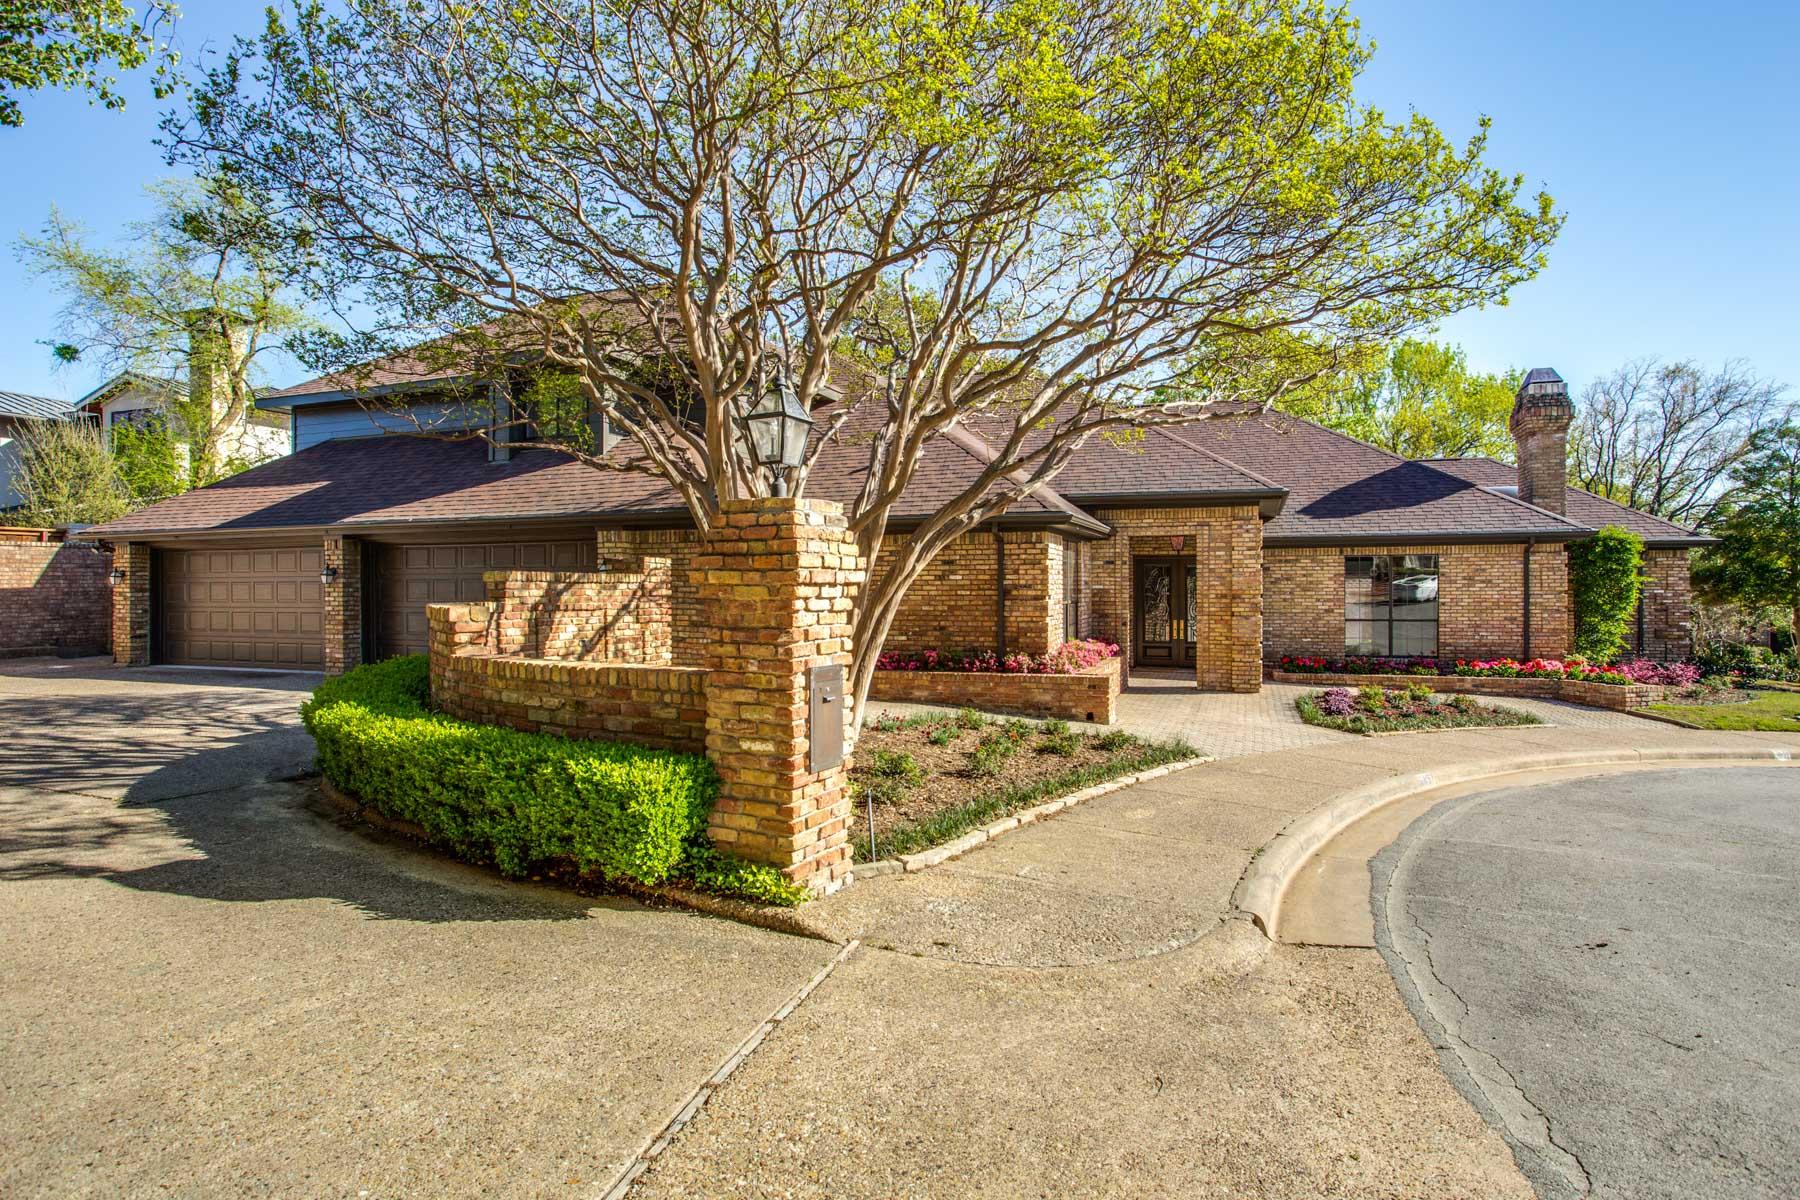 단독 가정 주택 용 매매 에 Sleekly Updated with Spacious Flowing Rooms and Stunning Landscape 6657 Crestway Court Dallas, 텍사스, 75230 미국